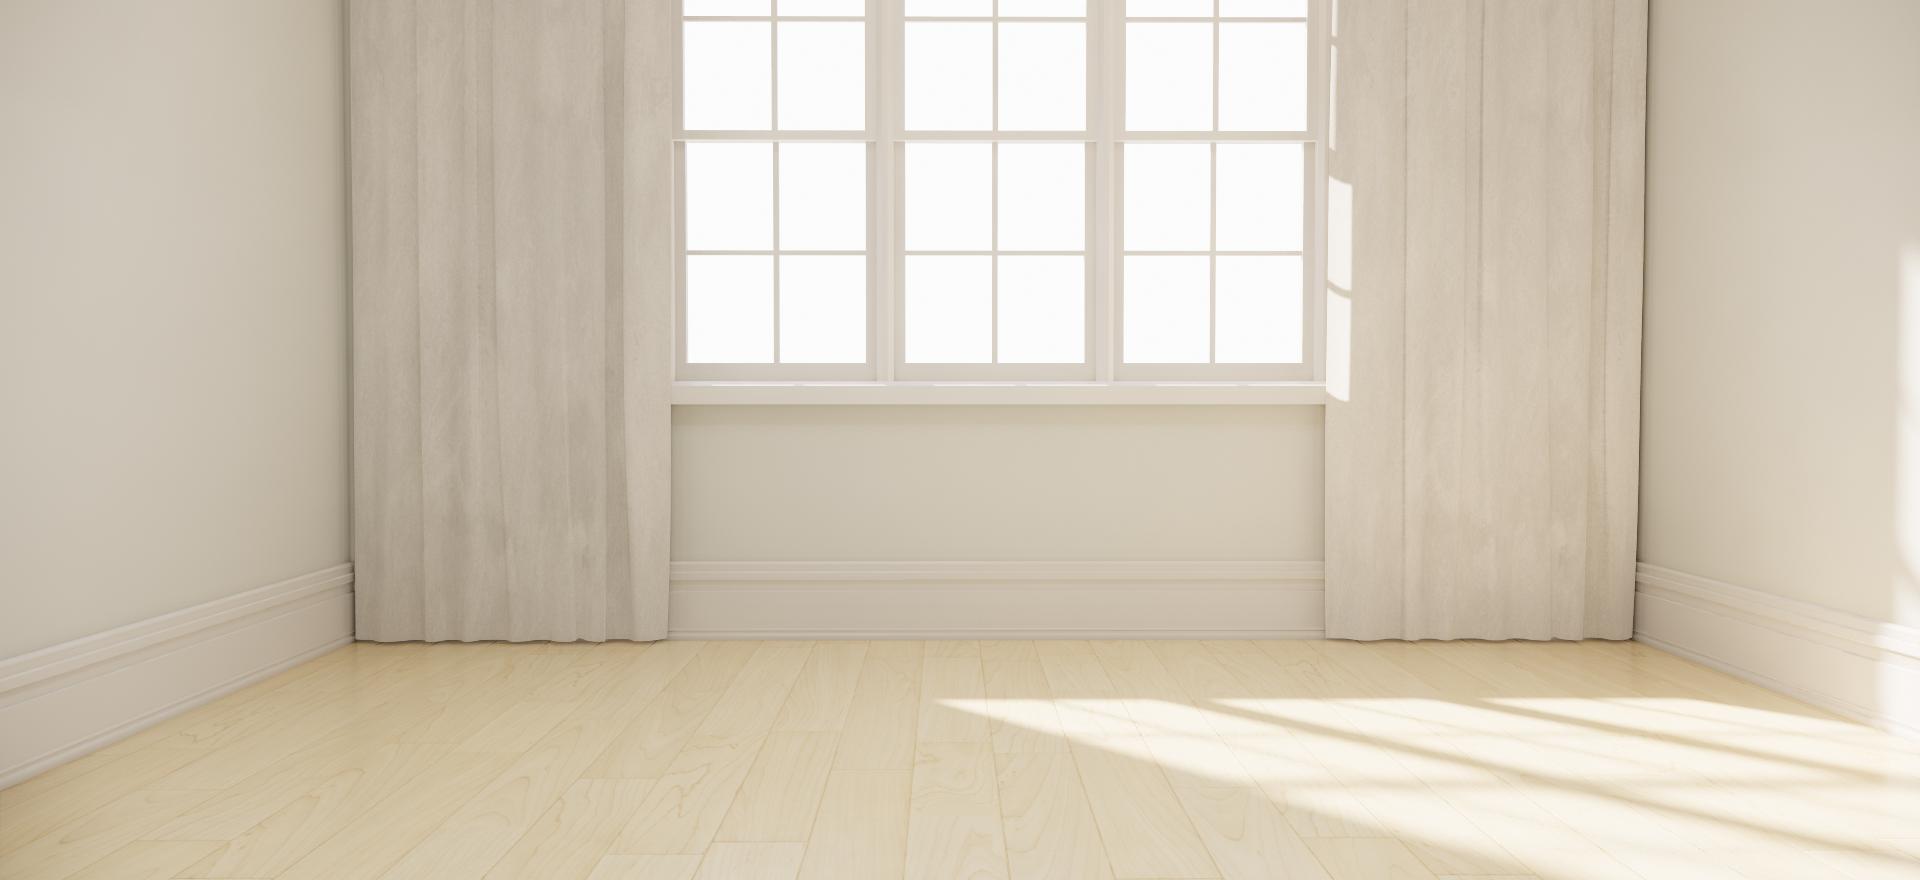 Wood Flooring 03.png